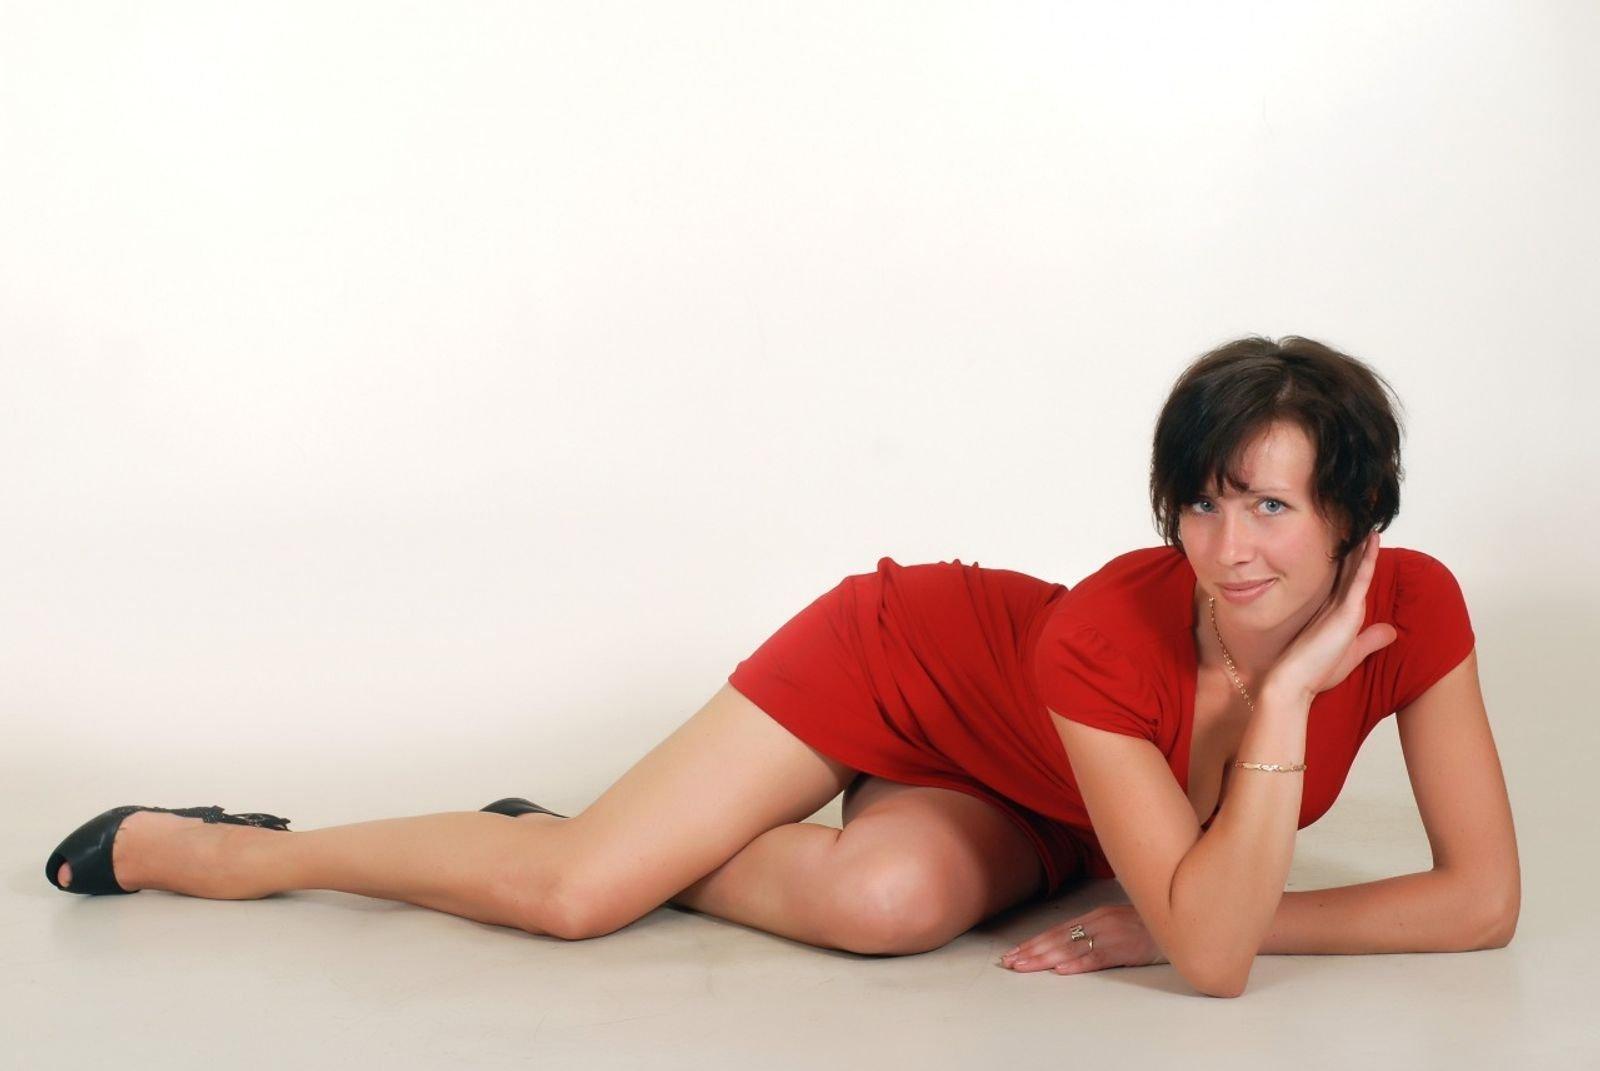 Марина оккиена фото каждого